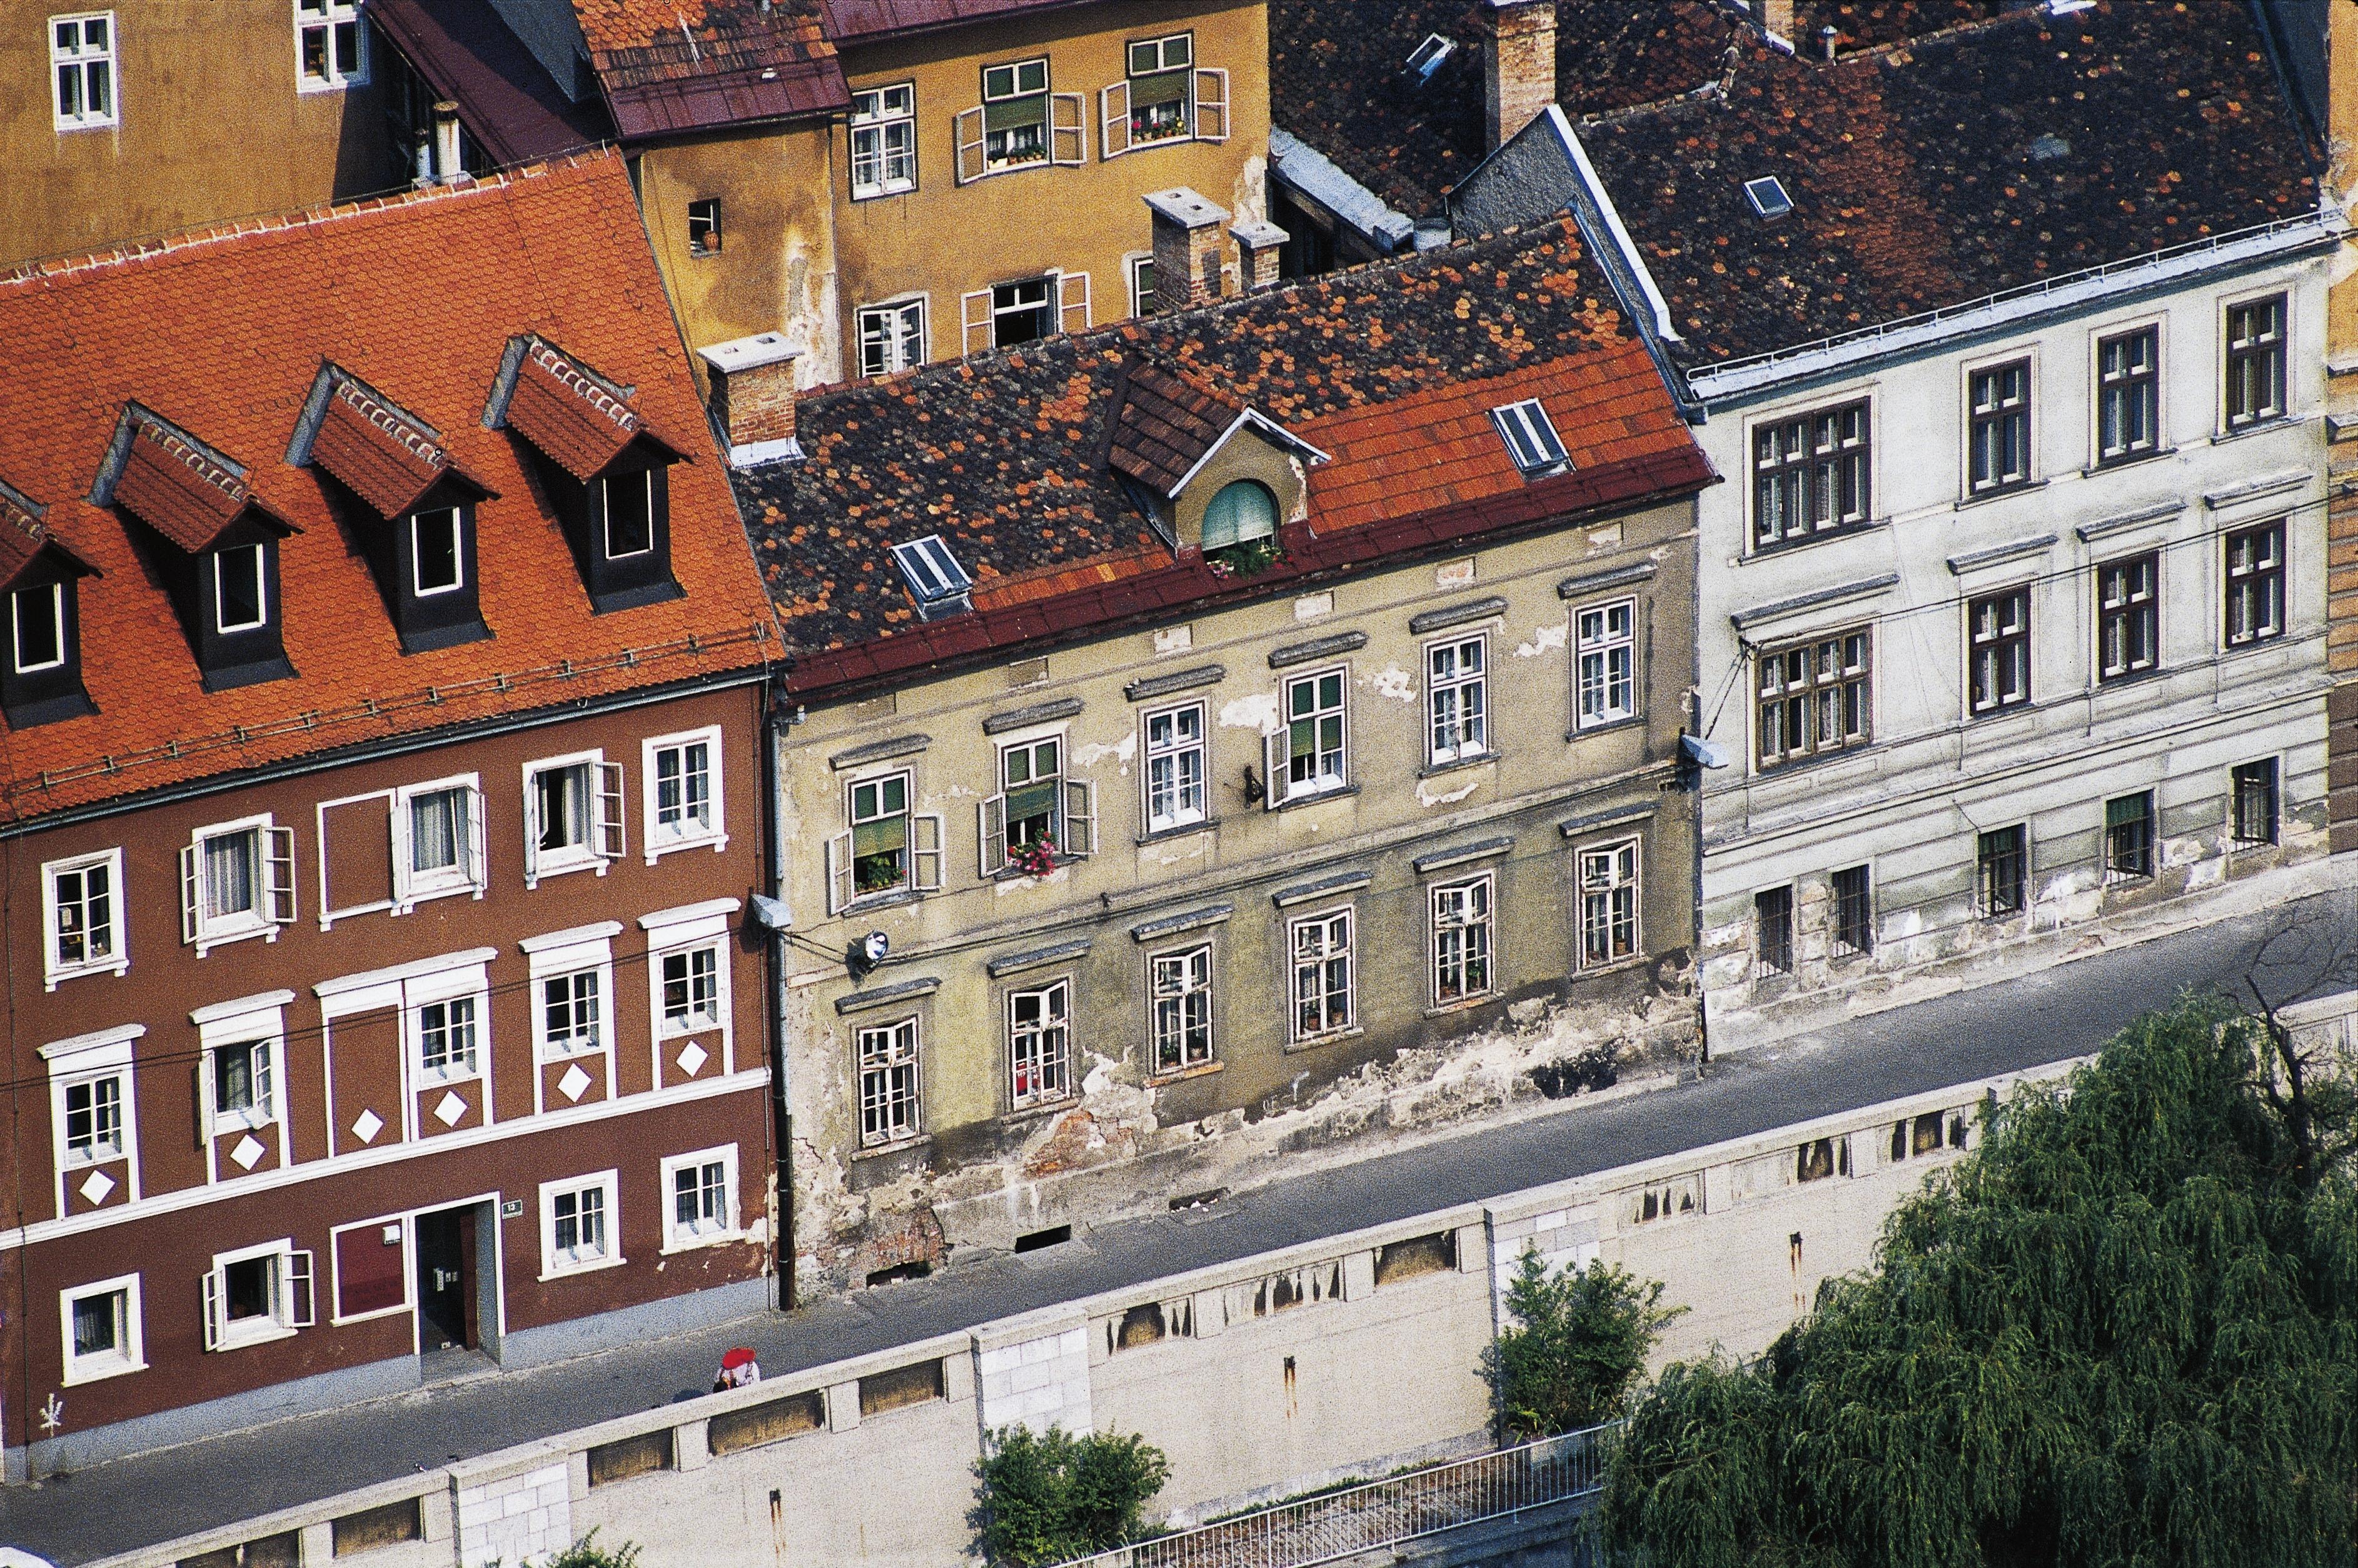 Aerial view of buildings in Ljubljana